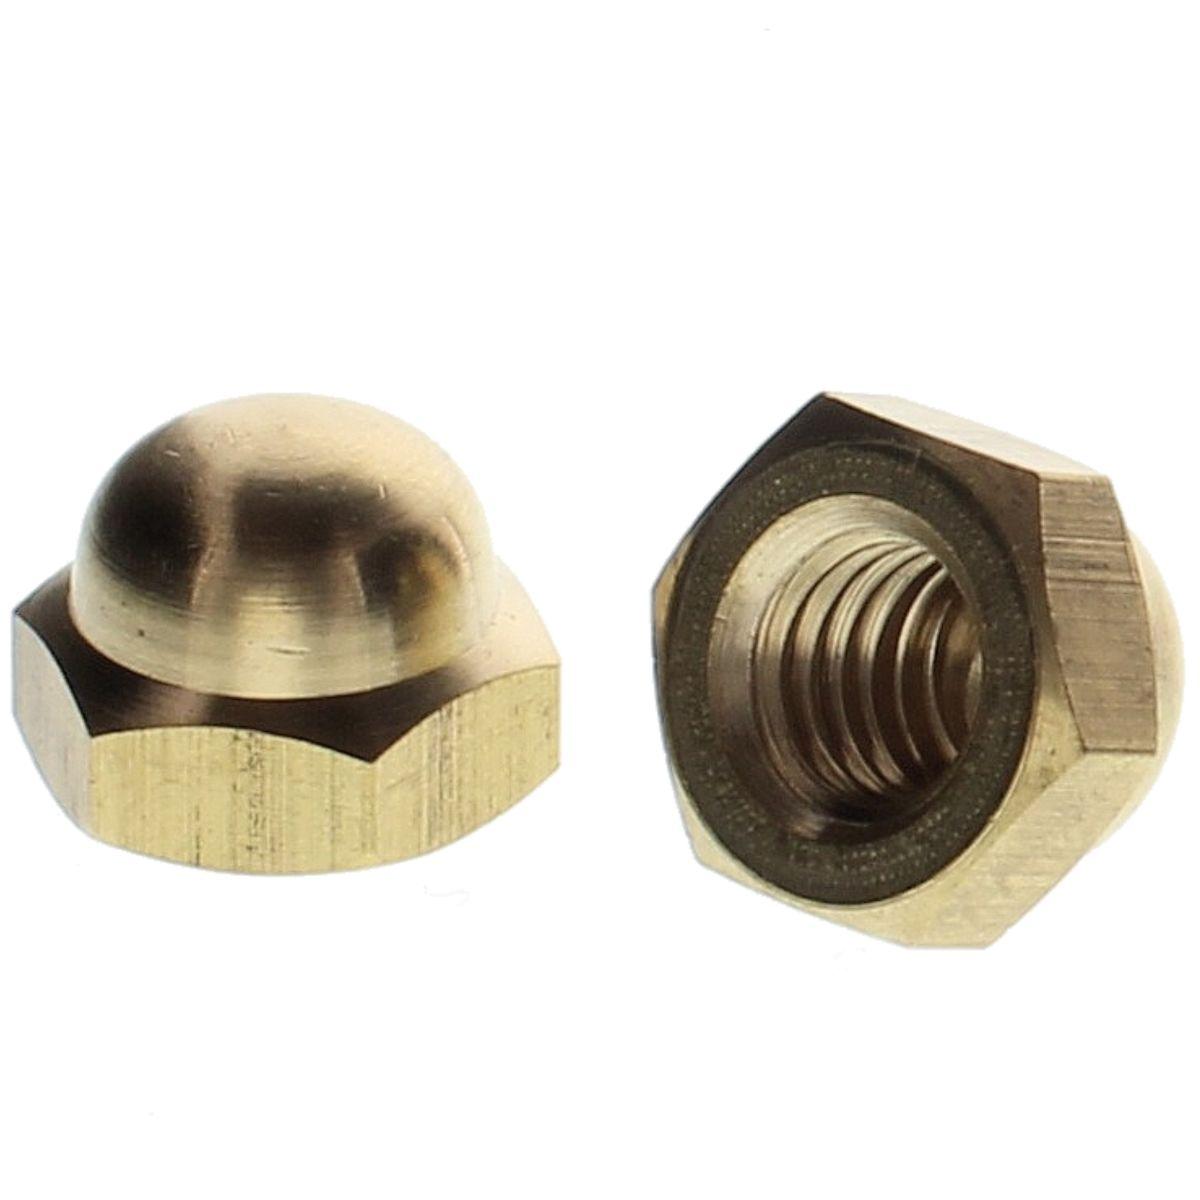 #10-24 Hex Cap Nuts — Brass, Coarse, 100/PKG